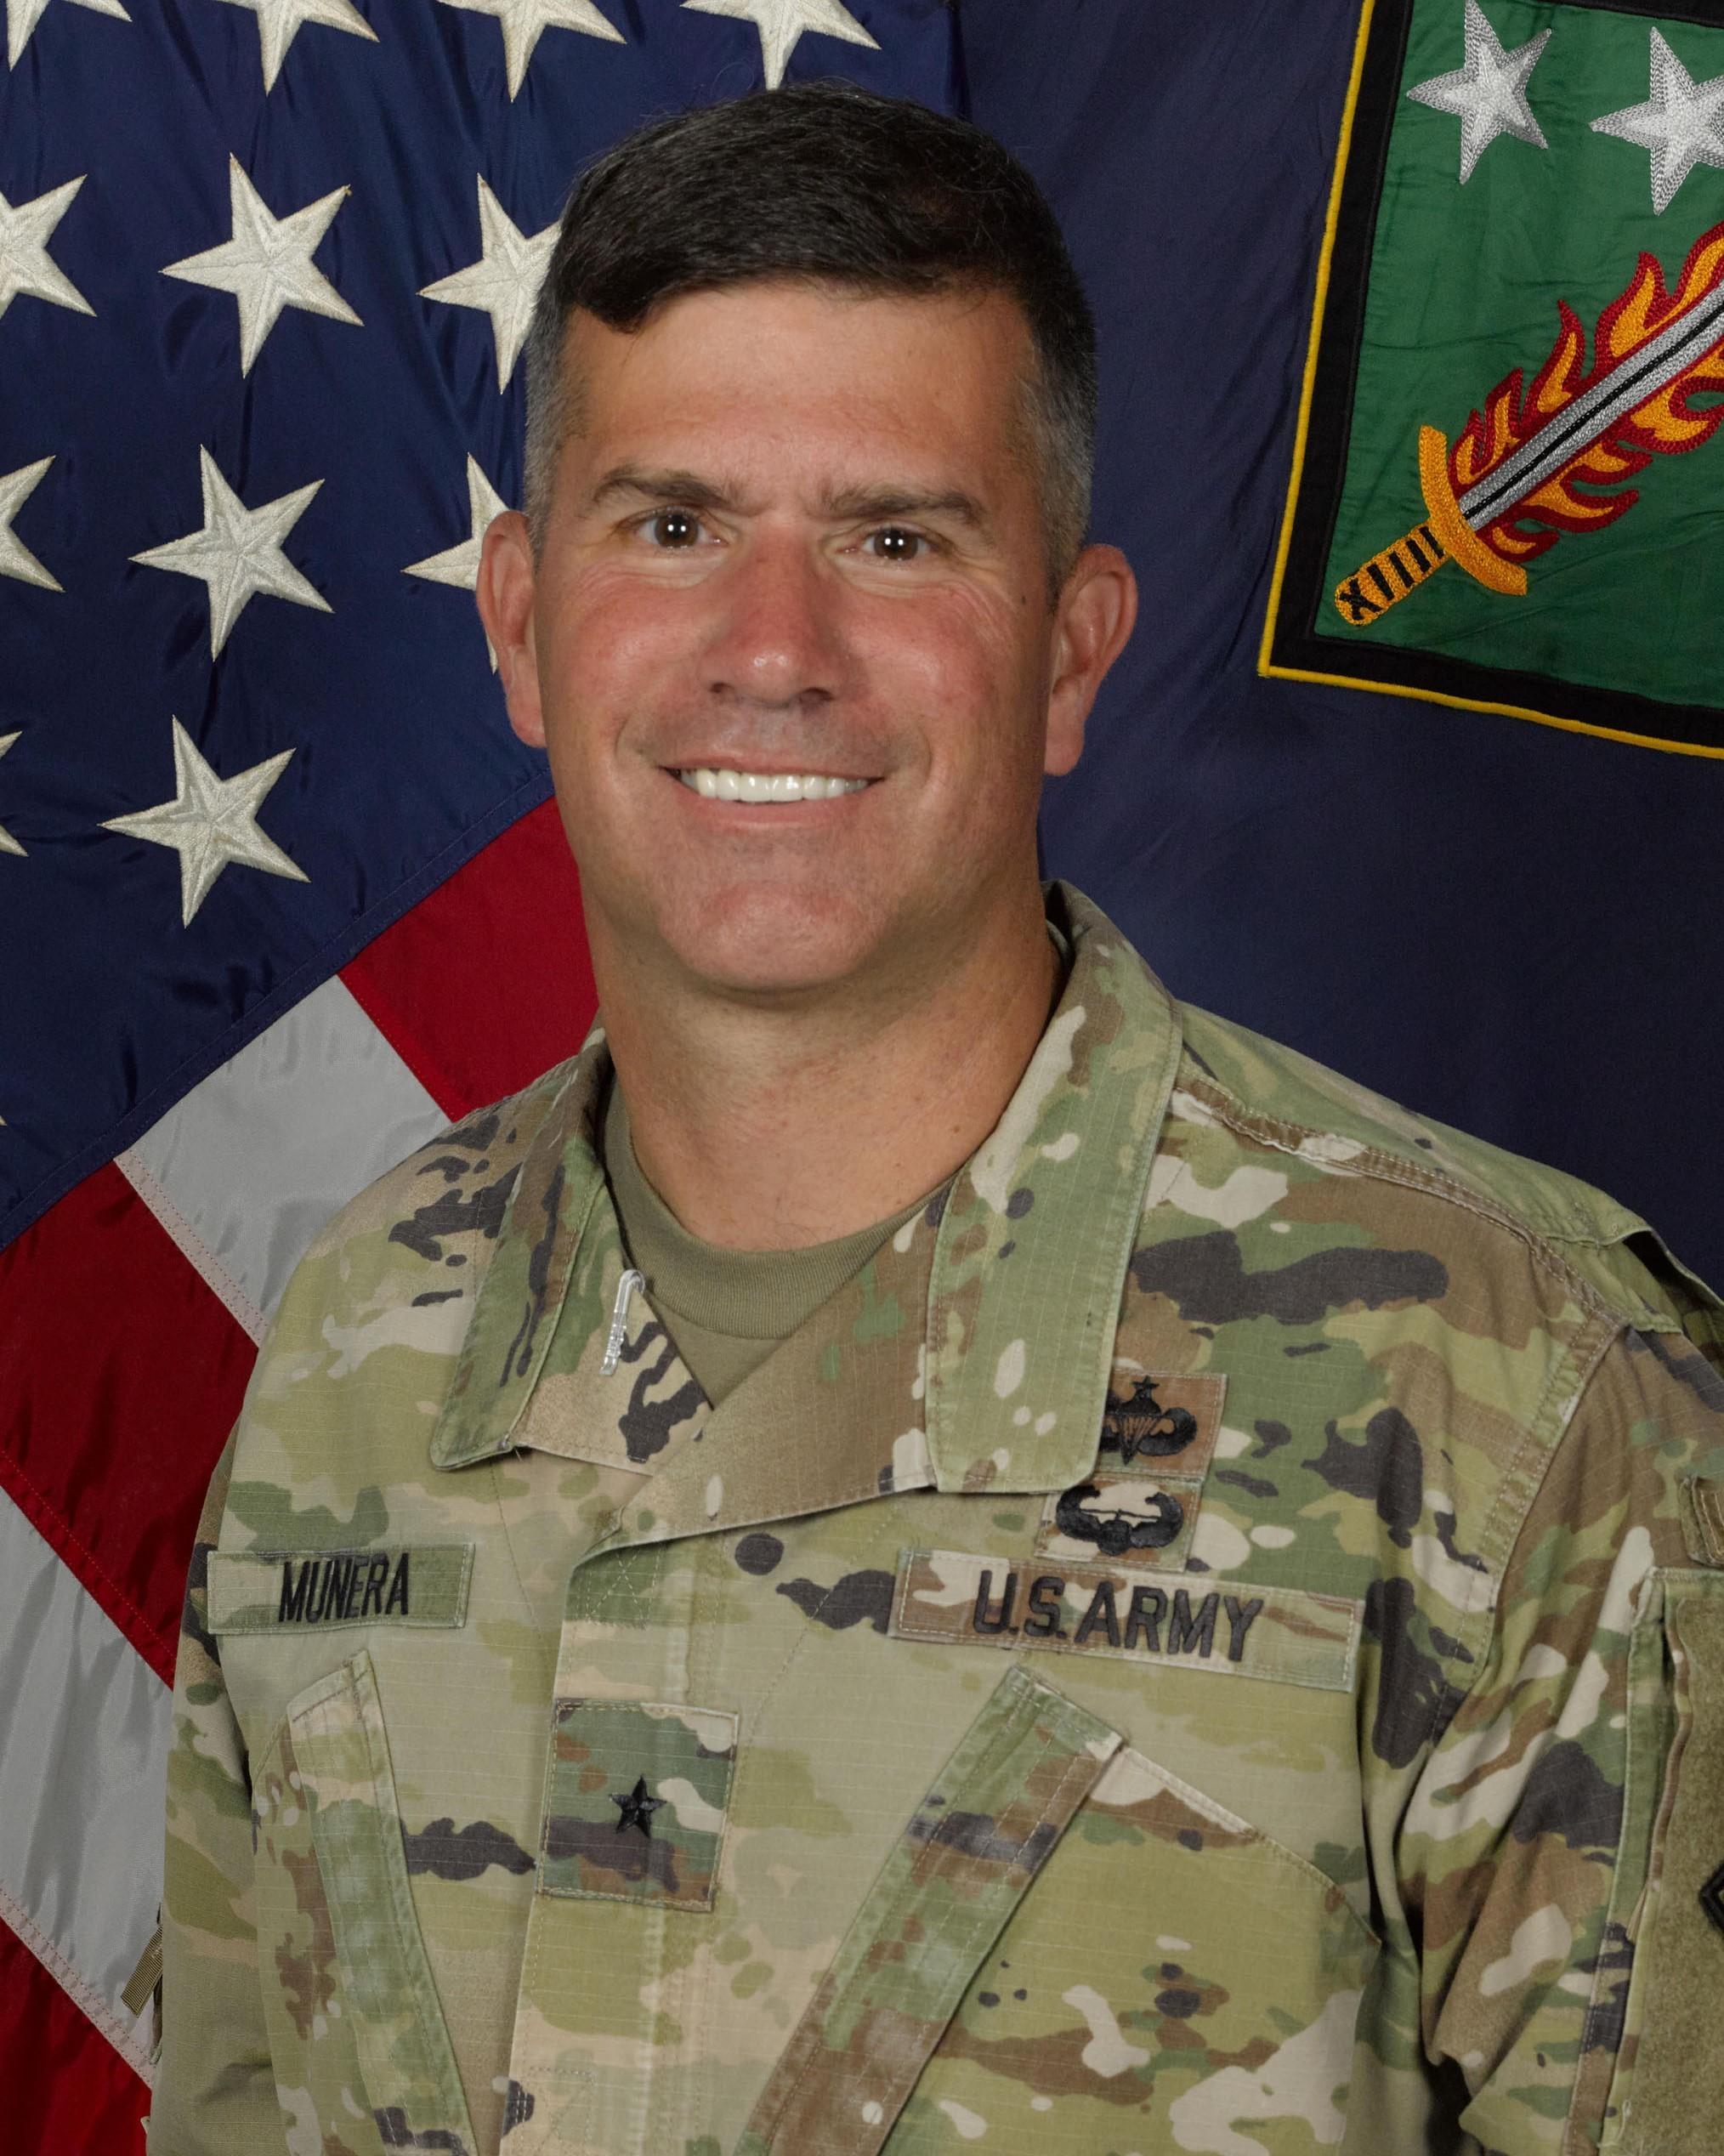 Brigadier General Antonio (Andy) Munera